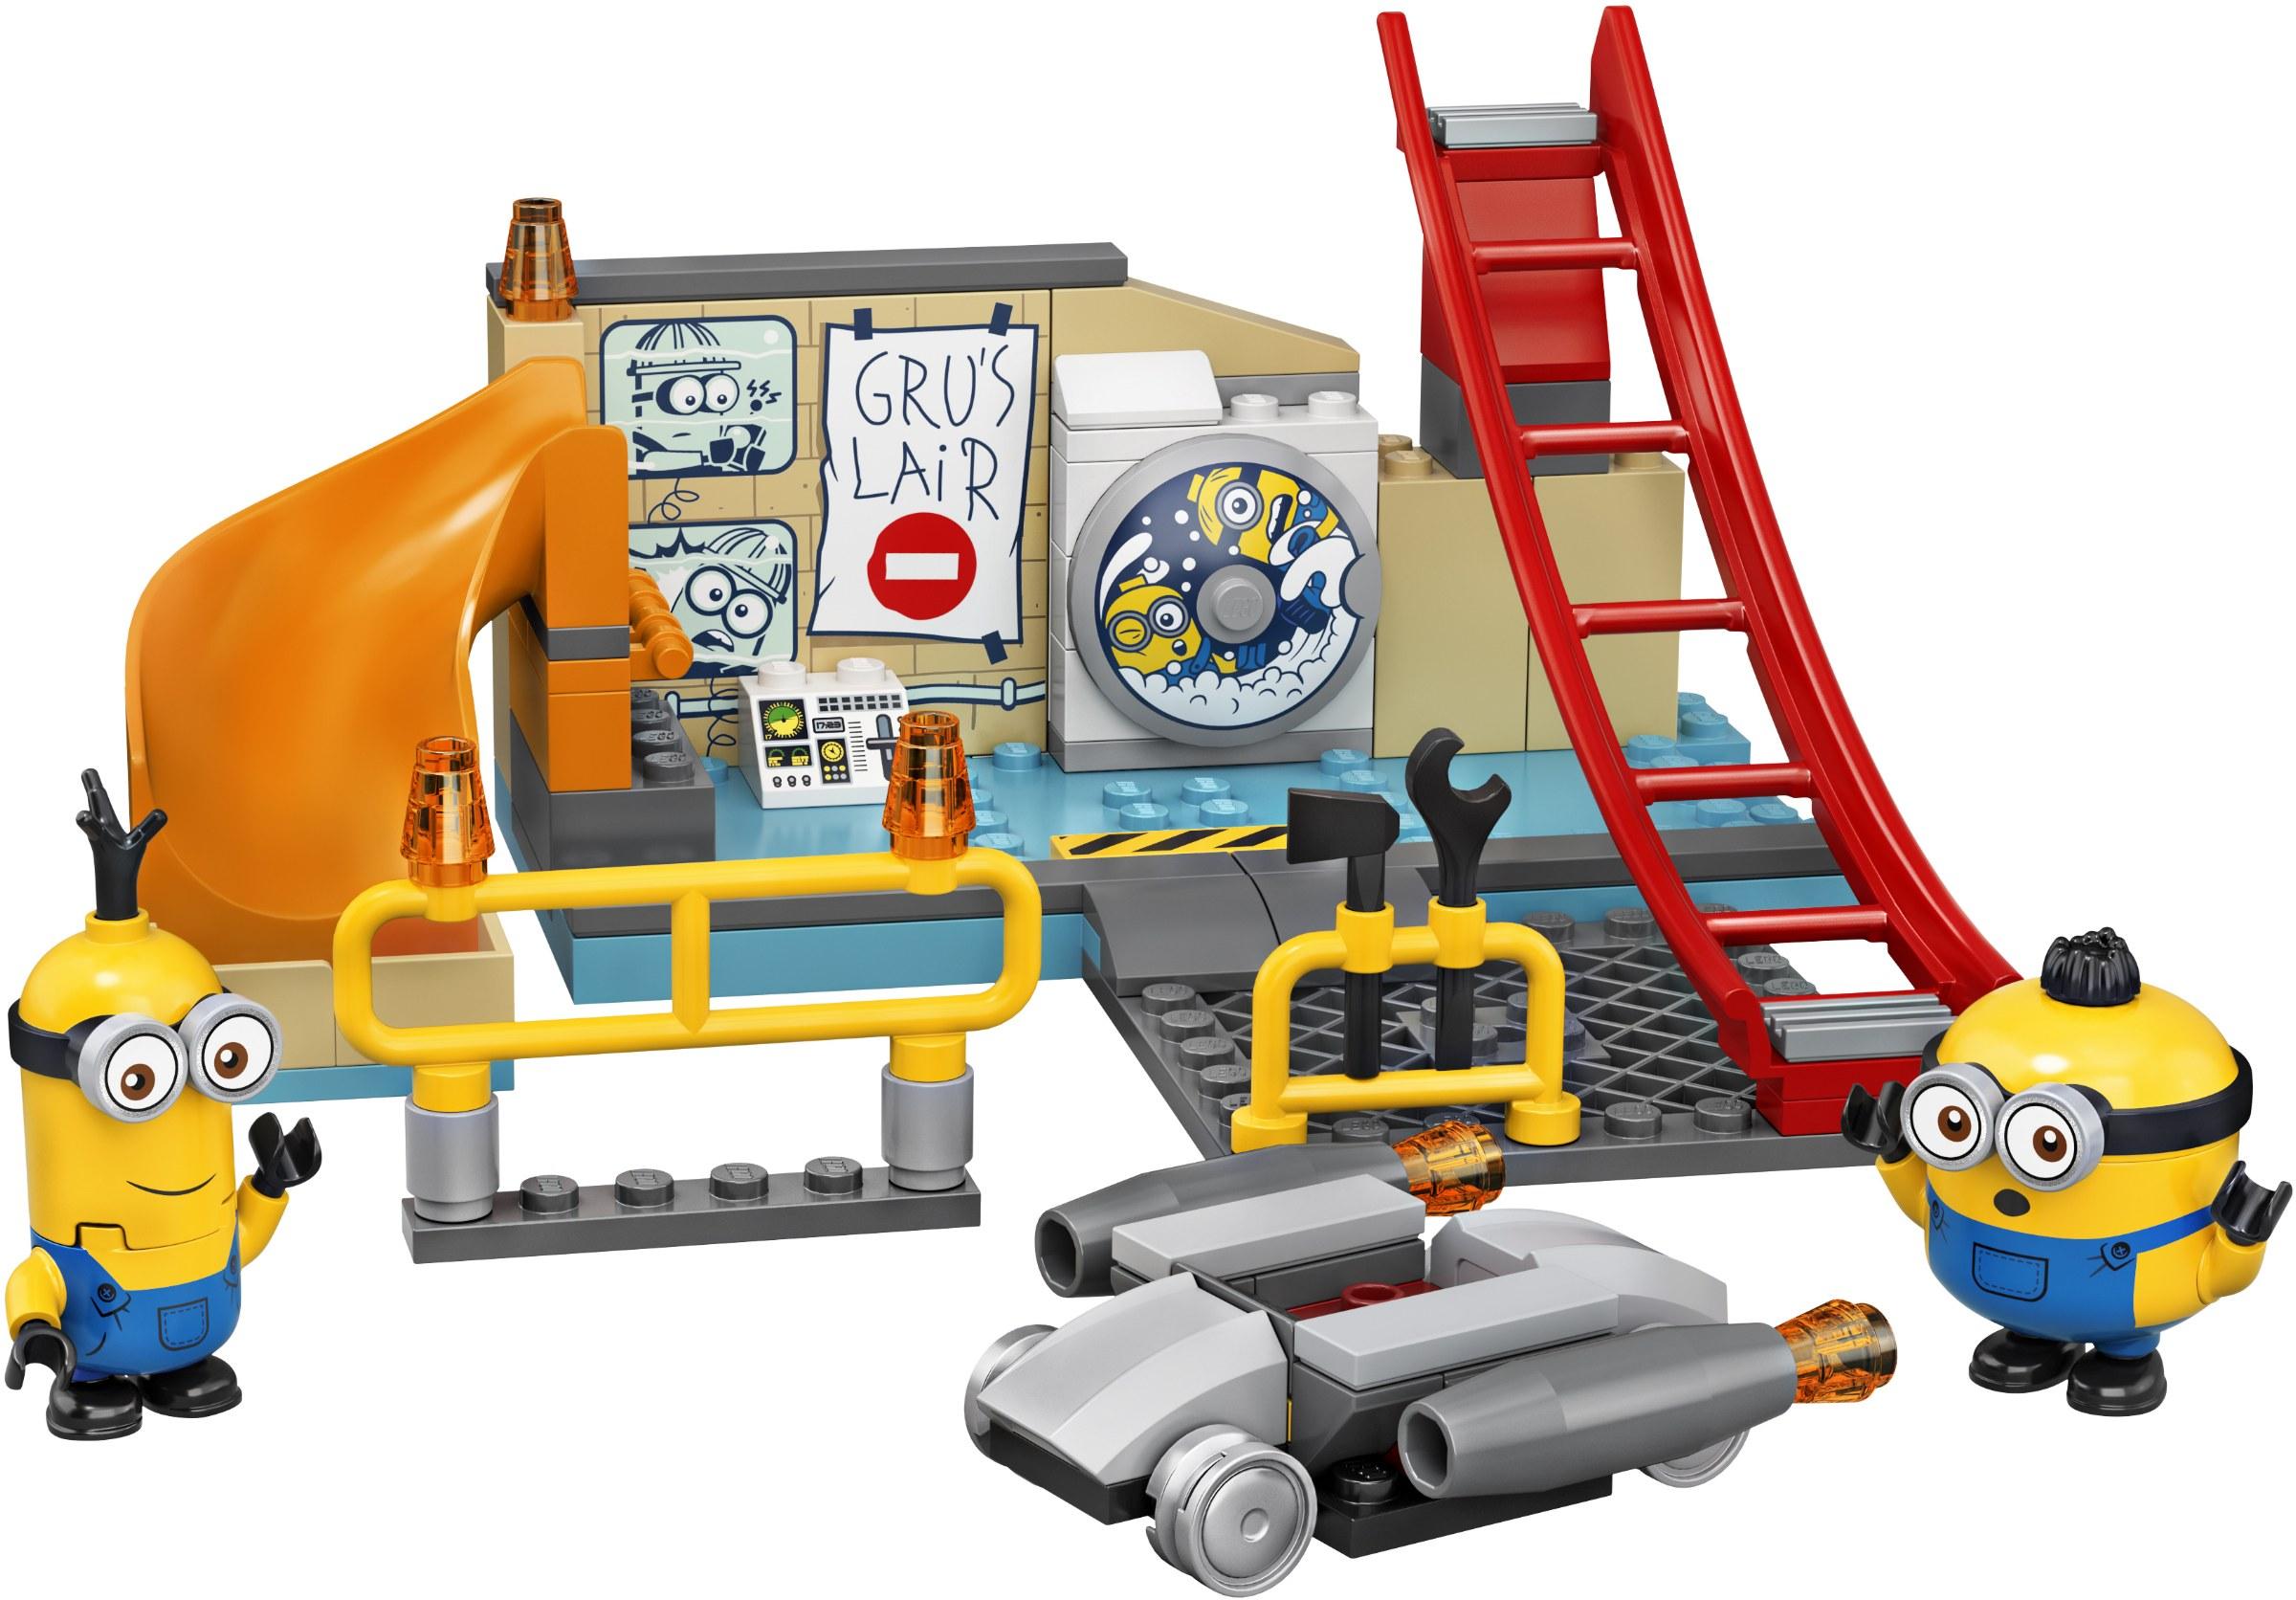 Minions Revealed Brickset Lego Set Guide And Database